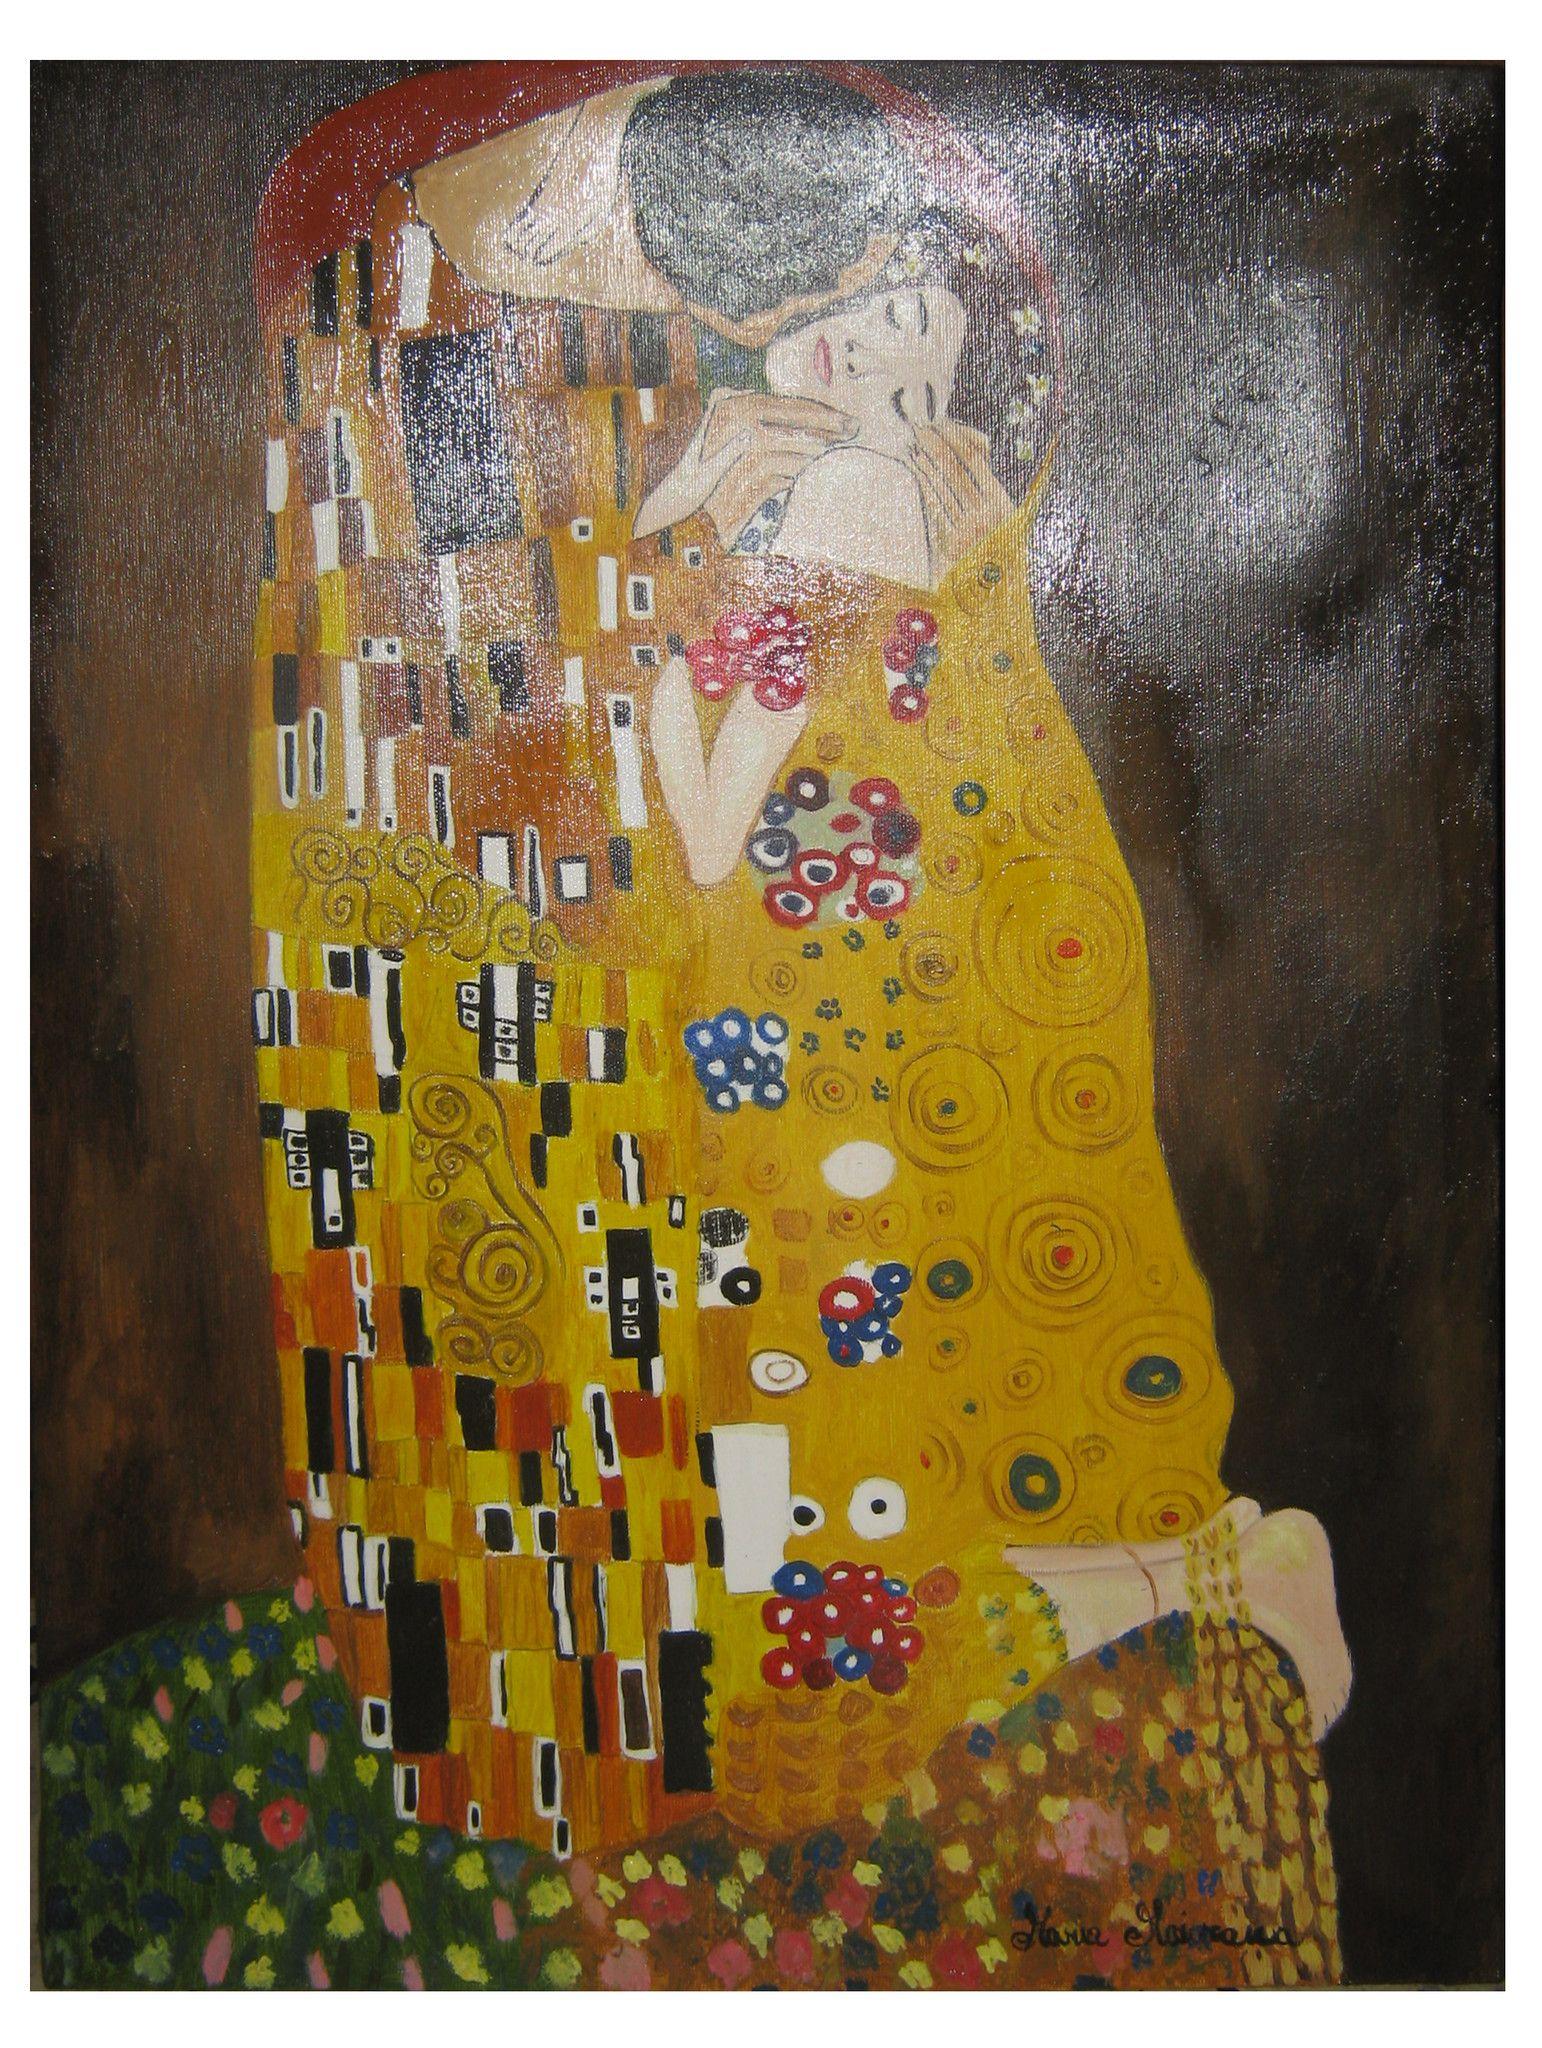 Il bacio - Copia di Gustav Klimt - 50x60